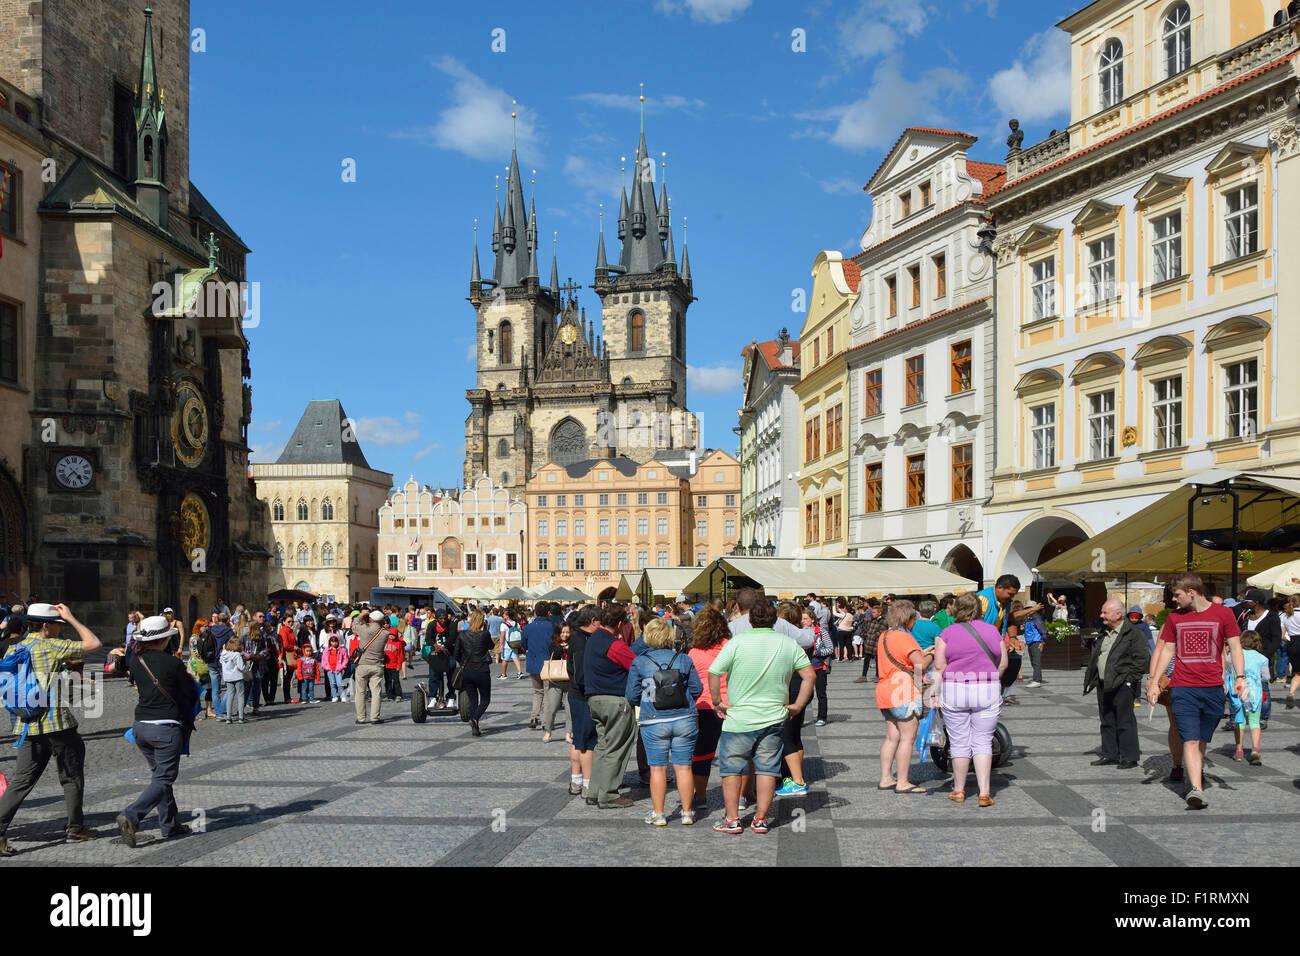 Touristen auf dem Altstädter Ring Prag in der Tschechischen Republik. Stockbild